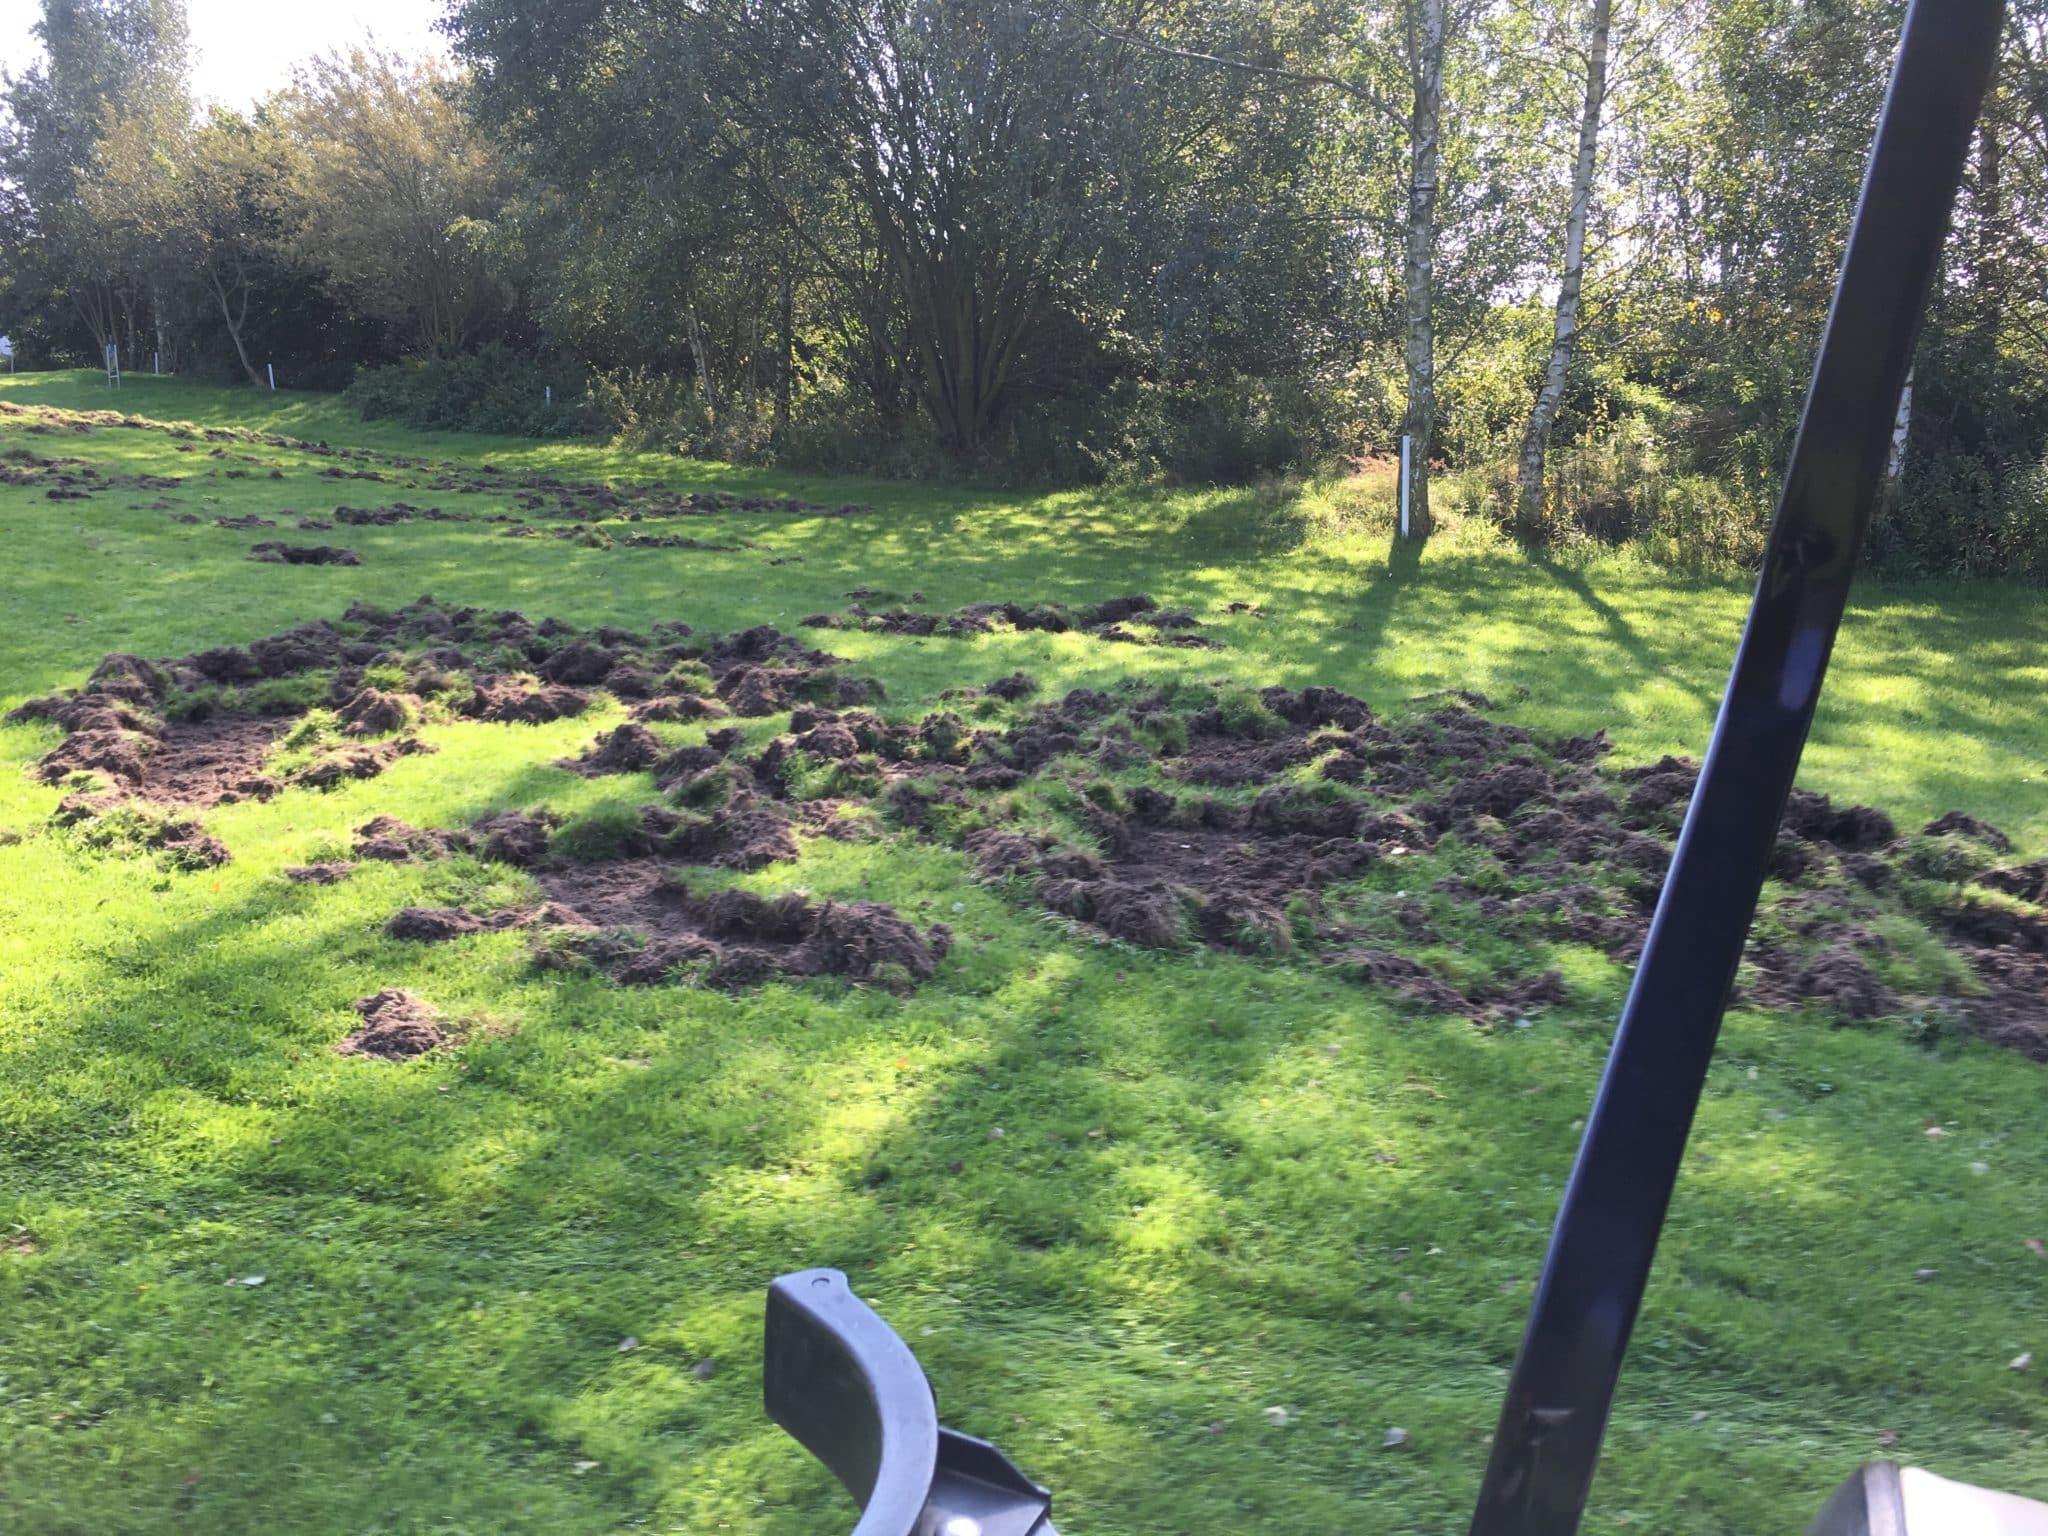 Wildschweinschutz für Golfplatz mit Elektrozaun